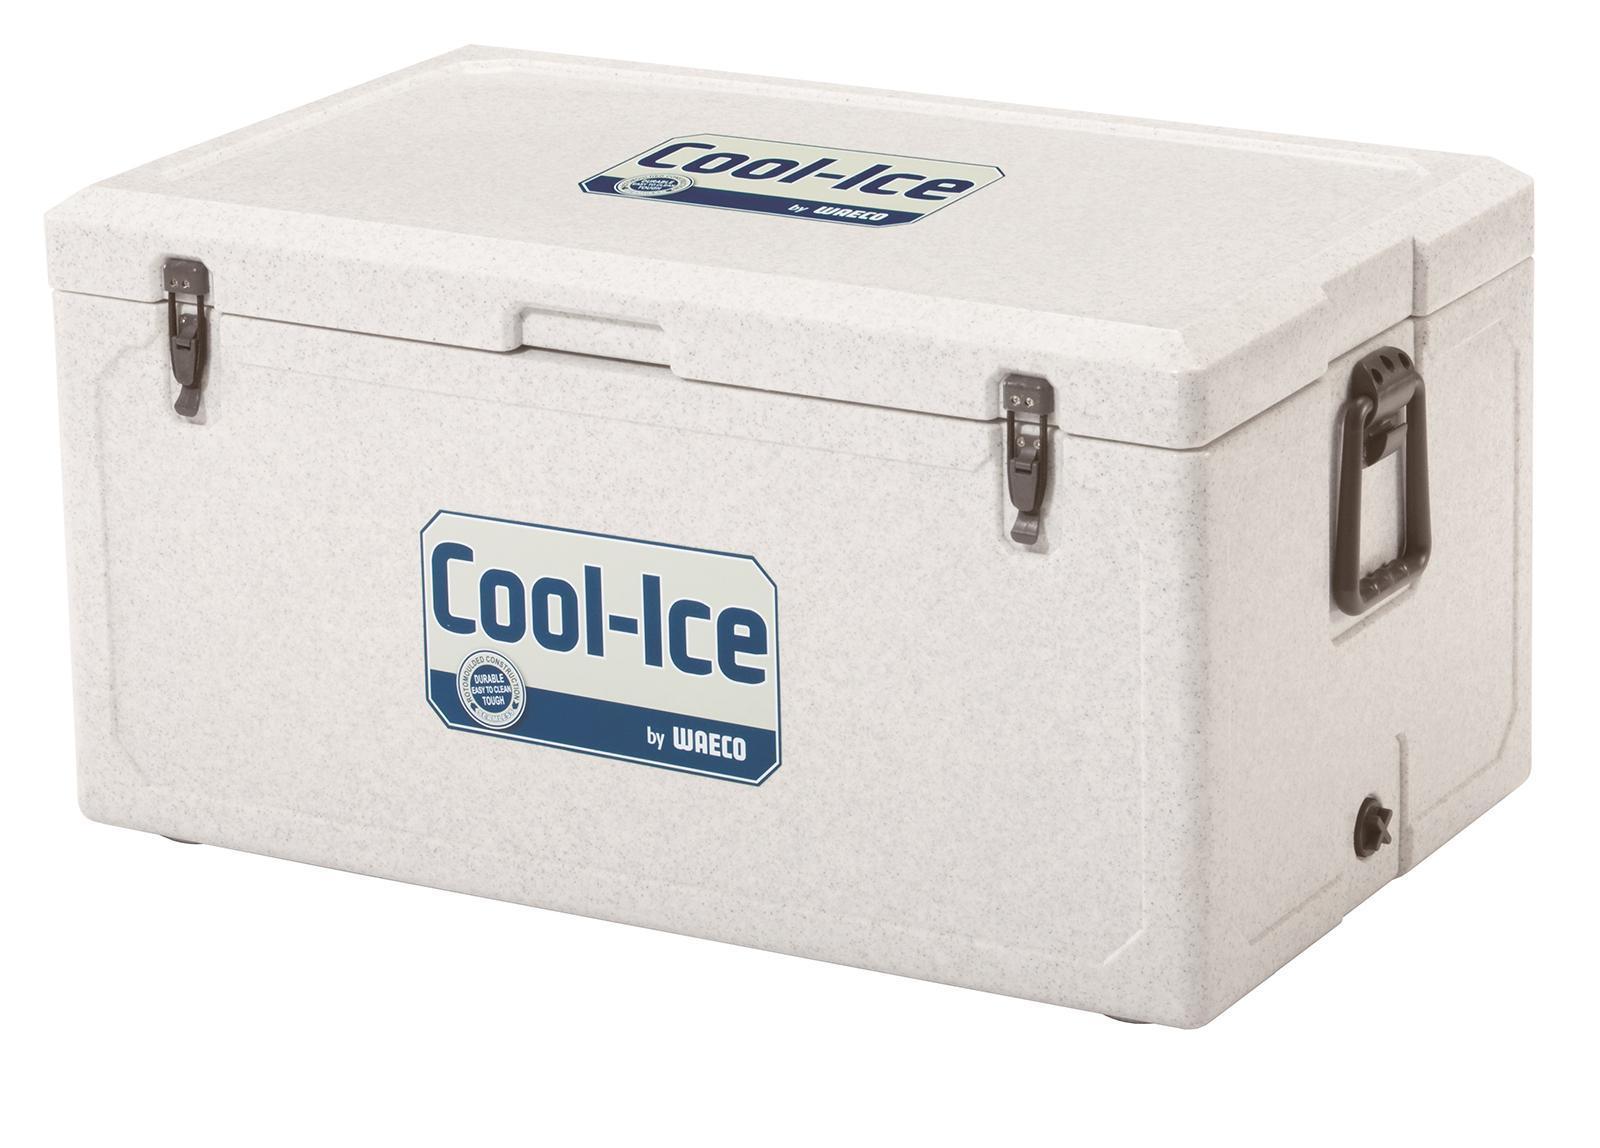 WAECO Cool-Ice WCI-85 изотермический контейнер, 86 лWCI-85Высокая температура окружающей среды, неровные поверхности, грязь и сильные вибрации? С этим легко справятся новый непобедимый термоконтейнер для льда WAECO Cool-Ice WCI-85. Оснащенный чрезвычайно эффективной и прочной изоляцией, он может продержать ваши продукты в холодном виде до 10 дней Все детали бесшовного термоконтейнера WAECO Cool-Ice WCI-85 сделаны из ударопрочного пластика , который можно использовать в самых экстремальных условиях